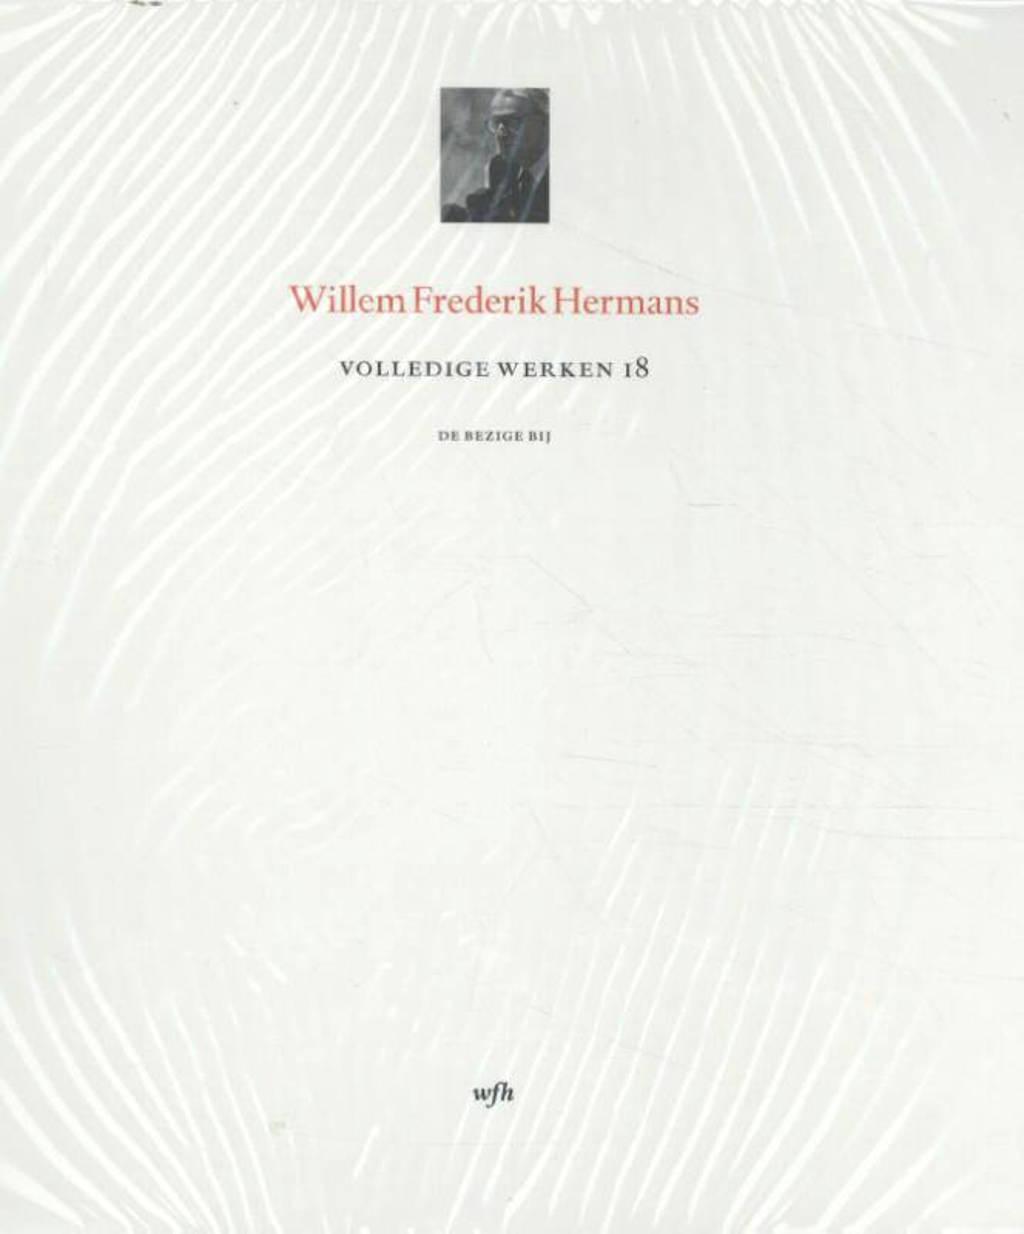 Volledige Werken 18 - Willem Frederik Hermans